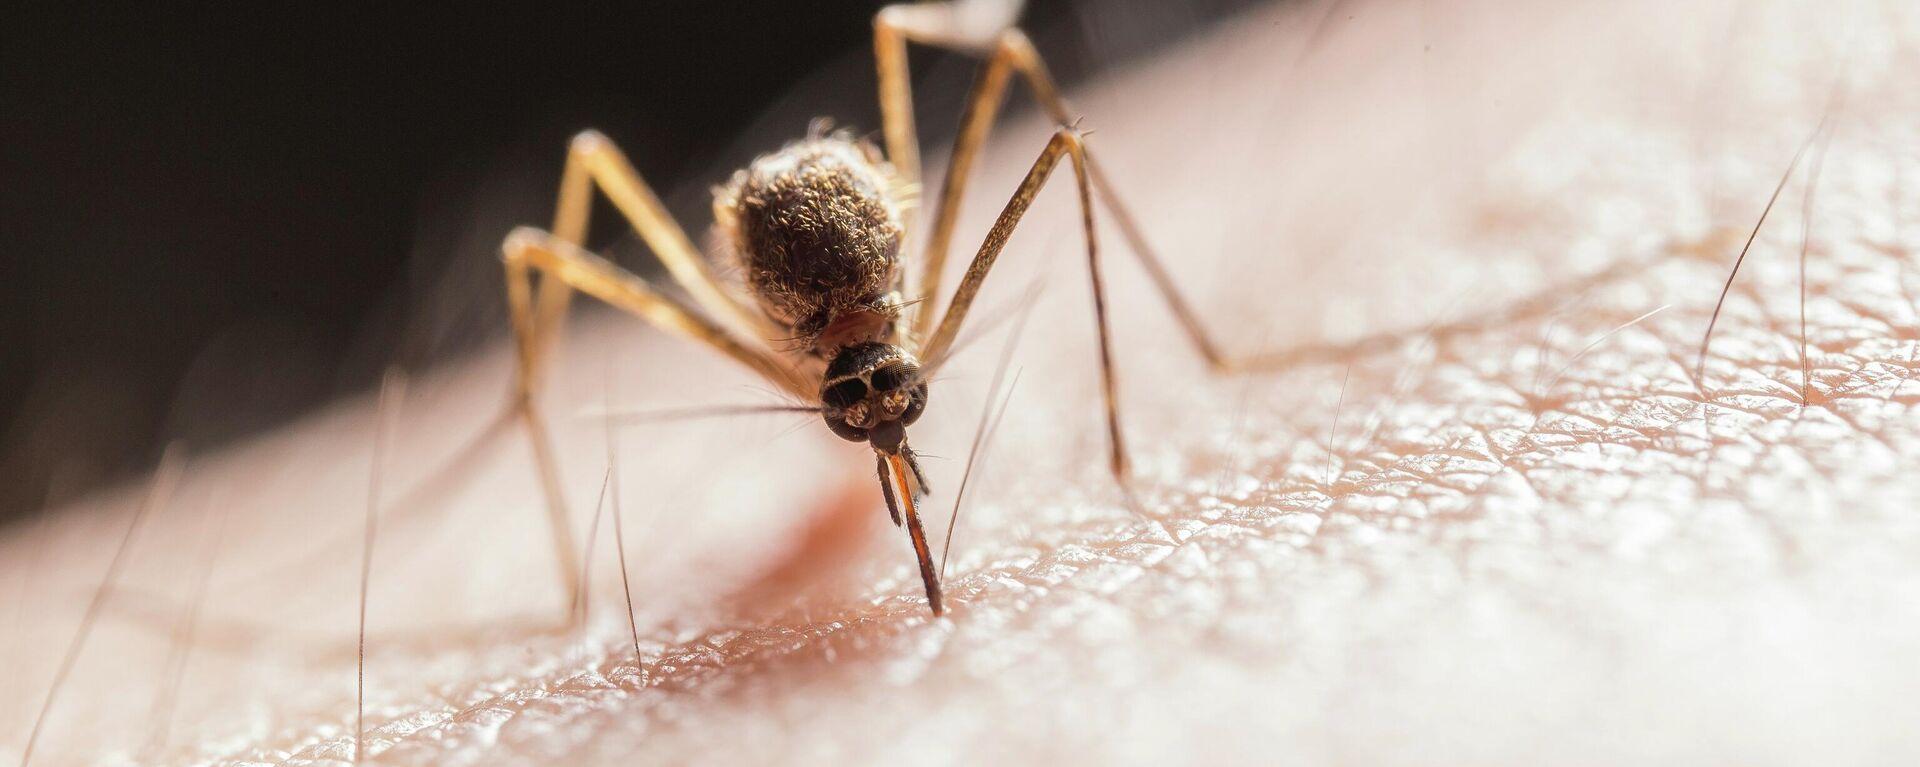 Un mosquito, imagen ilustrativa - Sputnik Mundo, 1920, 19.07.2021